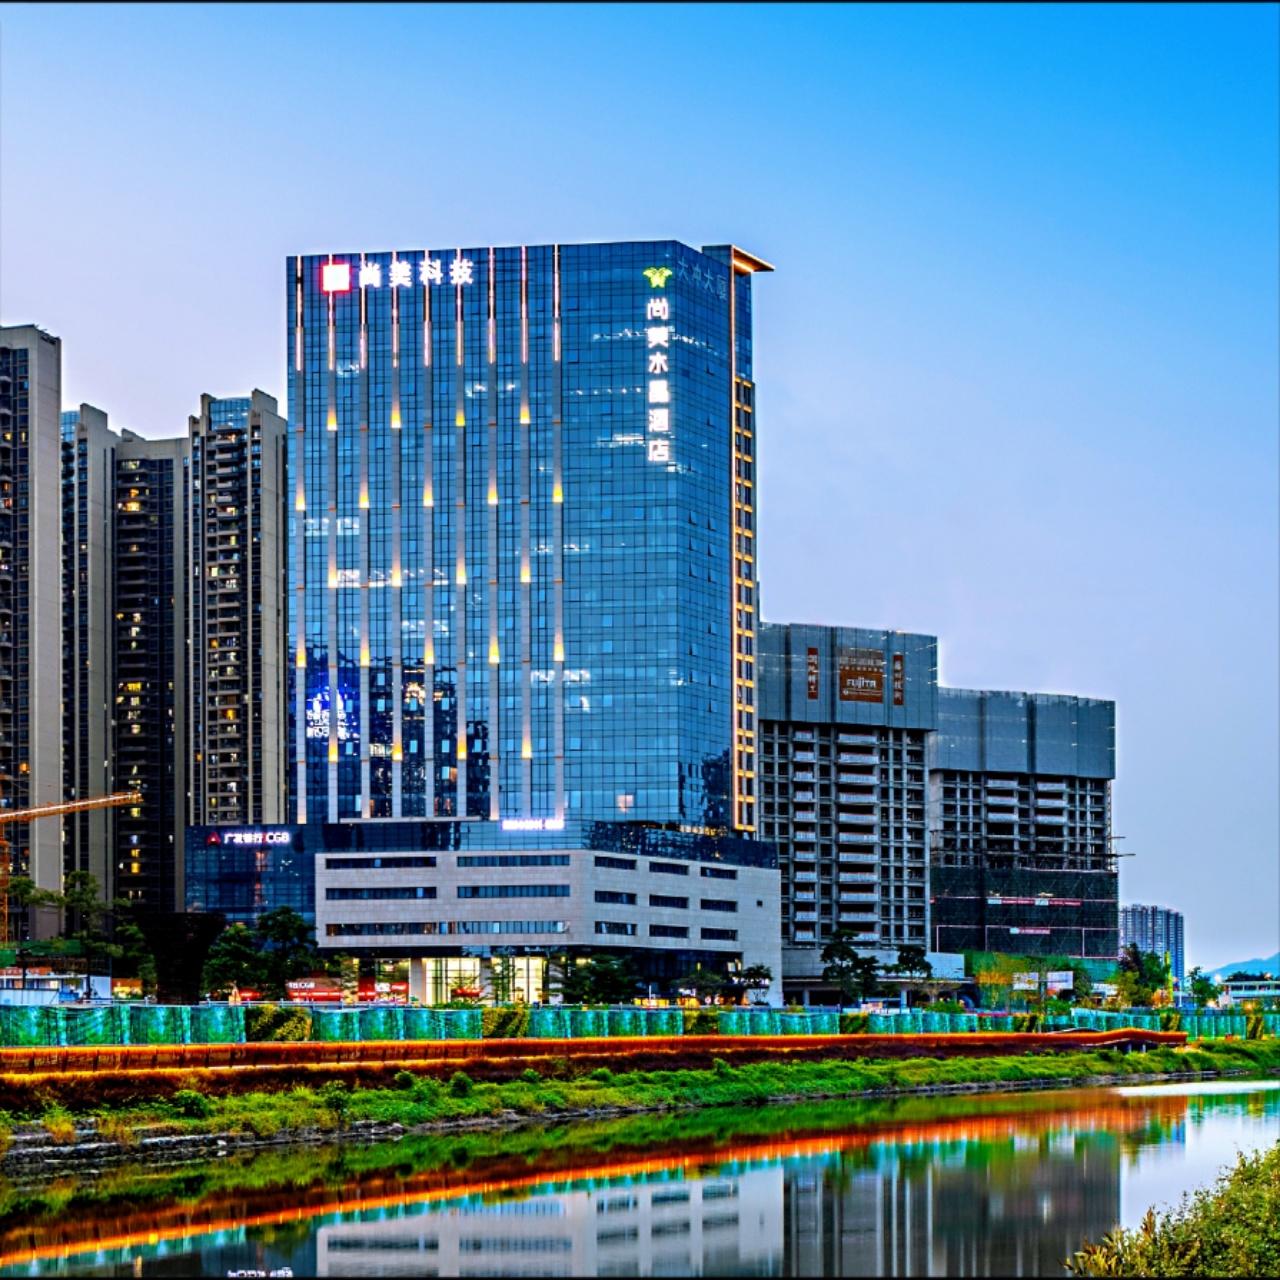 南山科技园地铁口尚美科技大厦